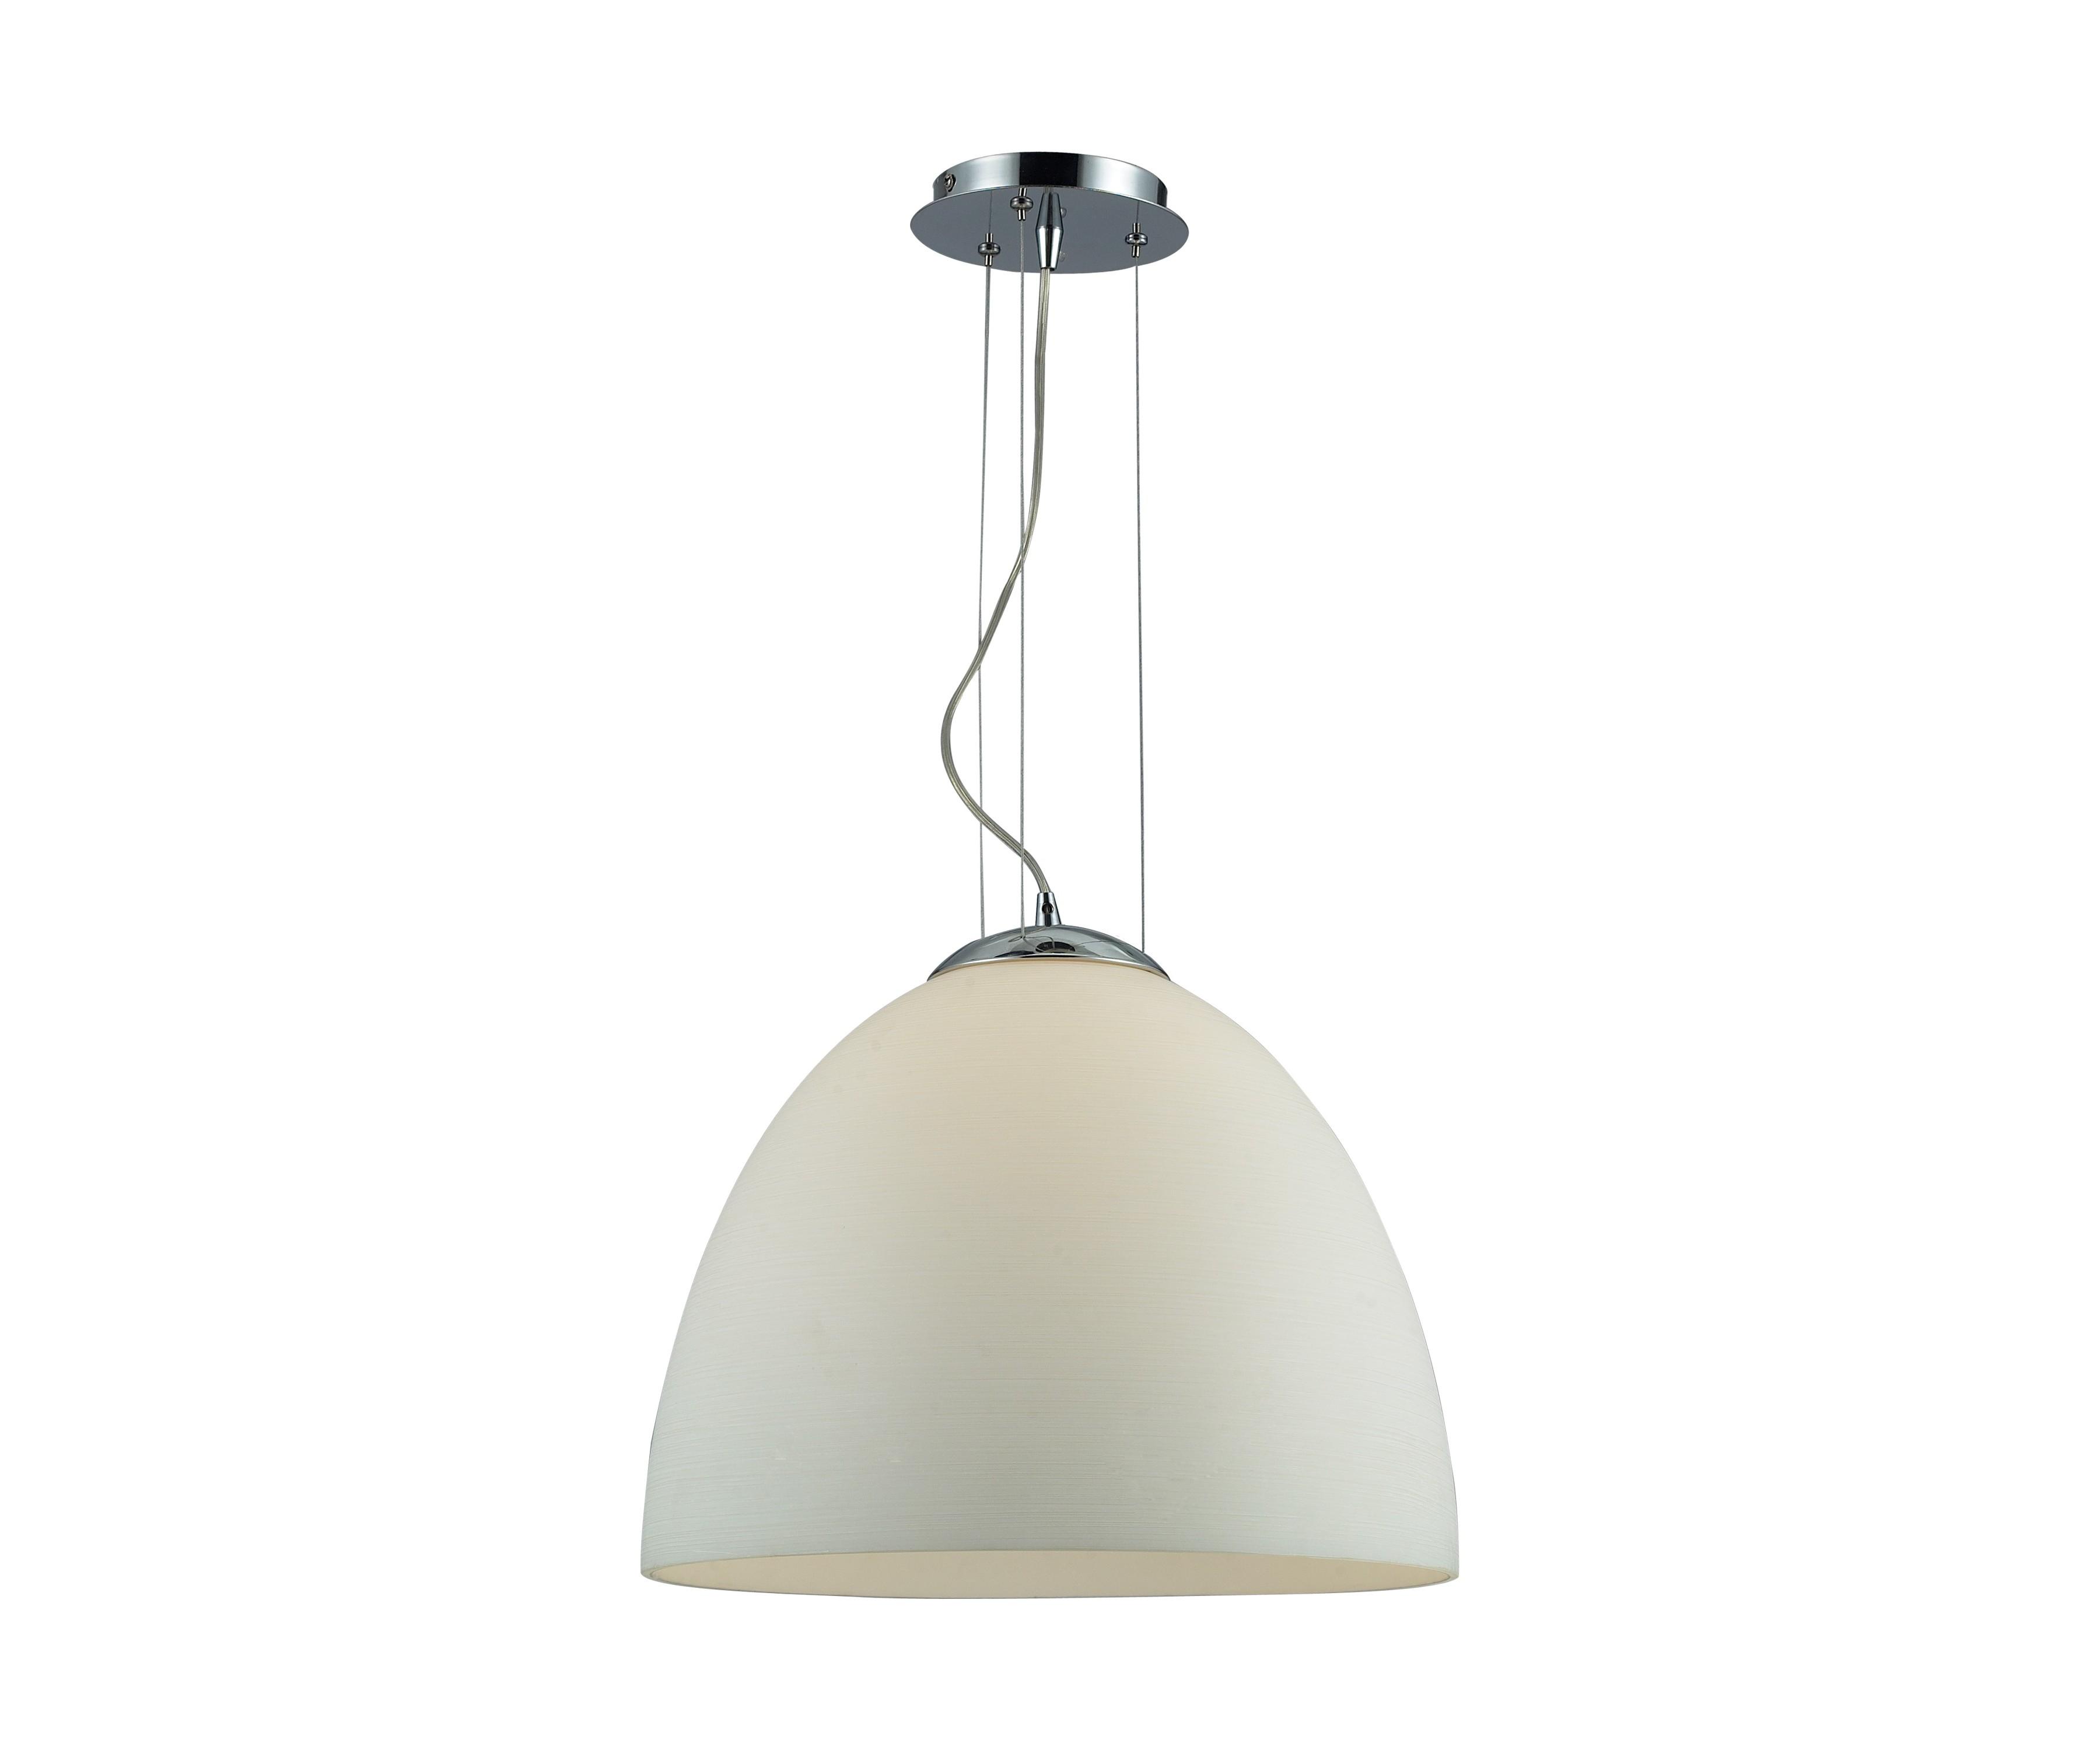 Светильник подвесной PalmyraПодвесные светильники<br>Светильник подвесной в стиле Мегаполис. Светильник поставляется в собранном виде и имеет в комплекте все необходимые для монтажа крепежные элементы.&amp;lt;div&amp;gt;&amp;lt;br&amp;gt;&amp;lt;/div&amp;gt;&amp;lt;div&amp;gt;&amp;lt;div&amp;gt;Цоколь: E27&amp;lt;/div&amp;gt;&amp;lt;div&amp;gt;Мощность лампы: 100W&amp;lt;/div&amp;gt;&amp;lt;div&amp;gt;Количество ламп: 1&amp;lt;/div&amp;gt;&amp;lt;/div&amp;gt;&amp;lt;div&amp;gt;Лампочки не входят в комплект.&amp;lt;br&amp;gt;&amp;lt;/div&amp;gt;<br><br>Material: Металл<br>Height см: 120<br>Diameter см: 39,5